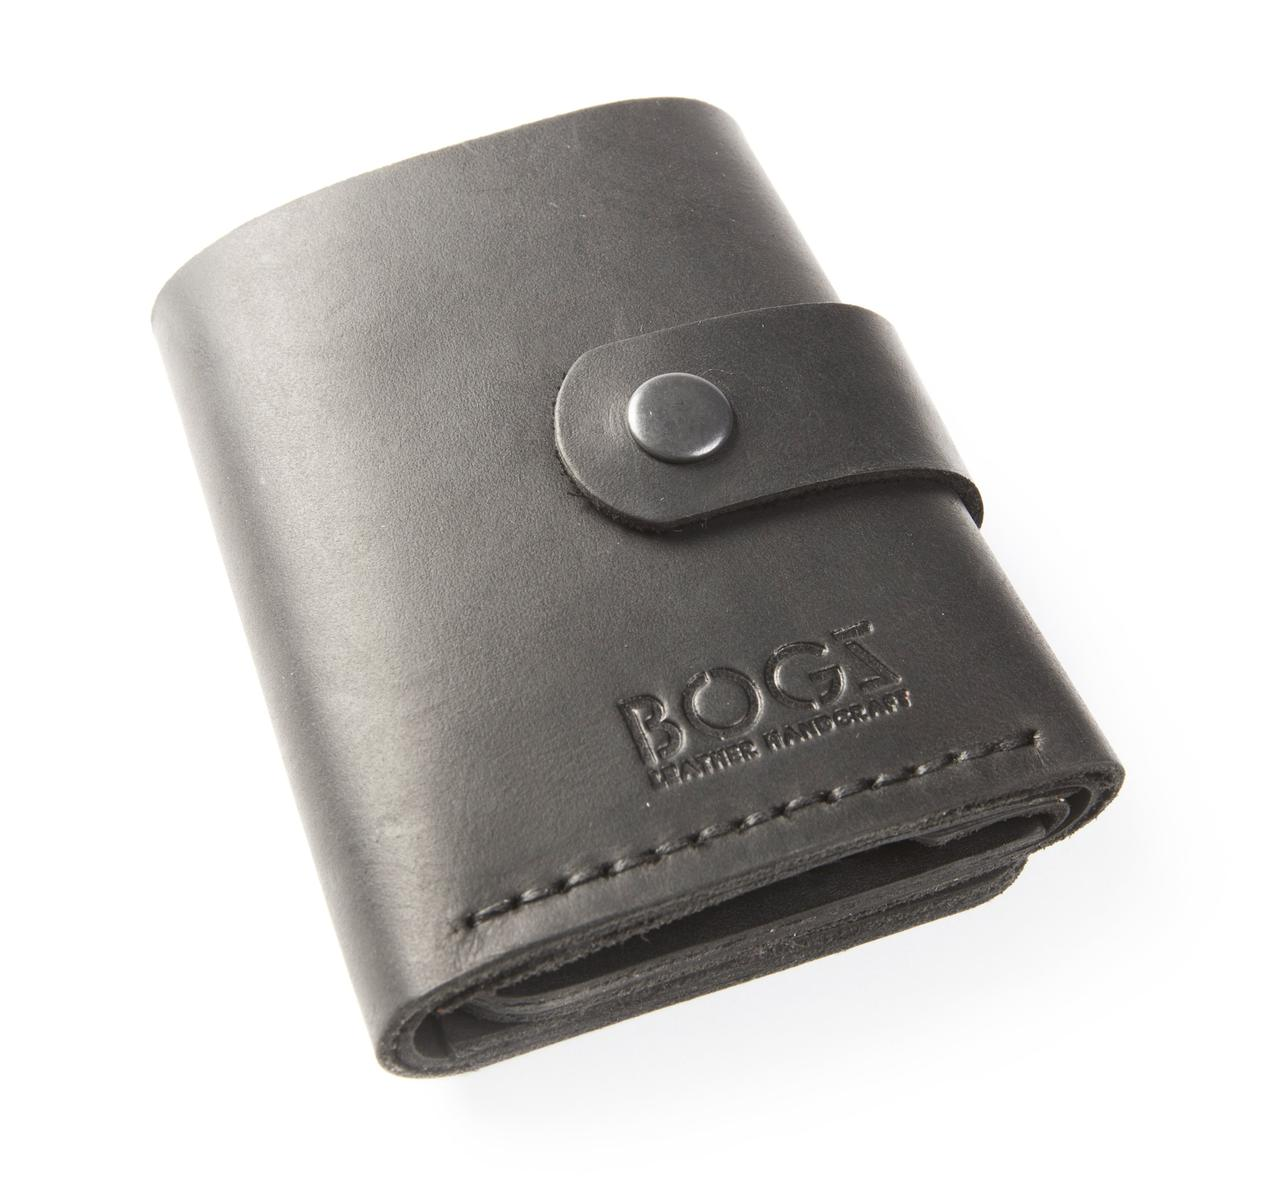 315d8f5c8dea Кожаный кошелёк «Ролл» - Интернет-магазин кожаных аксессуаров ручной работы  BOGZ в Виннице